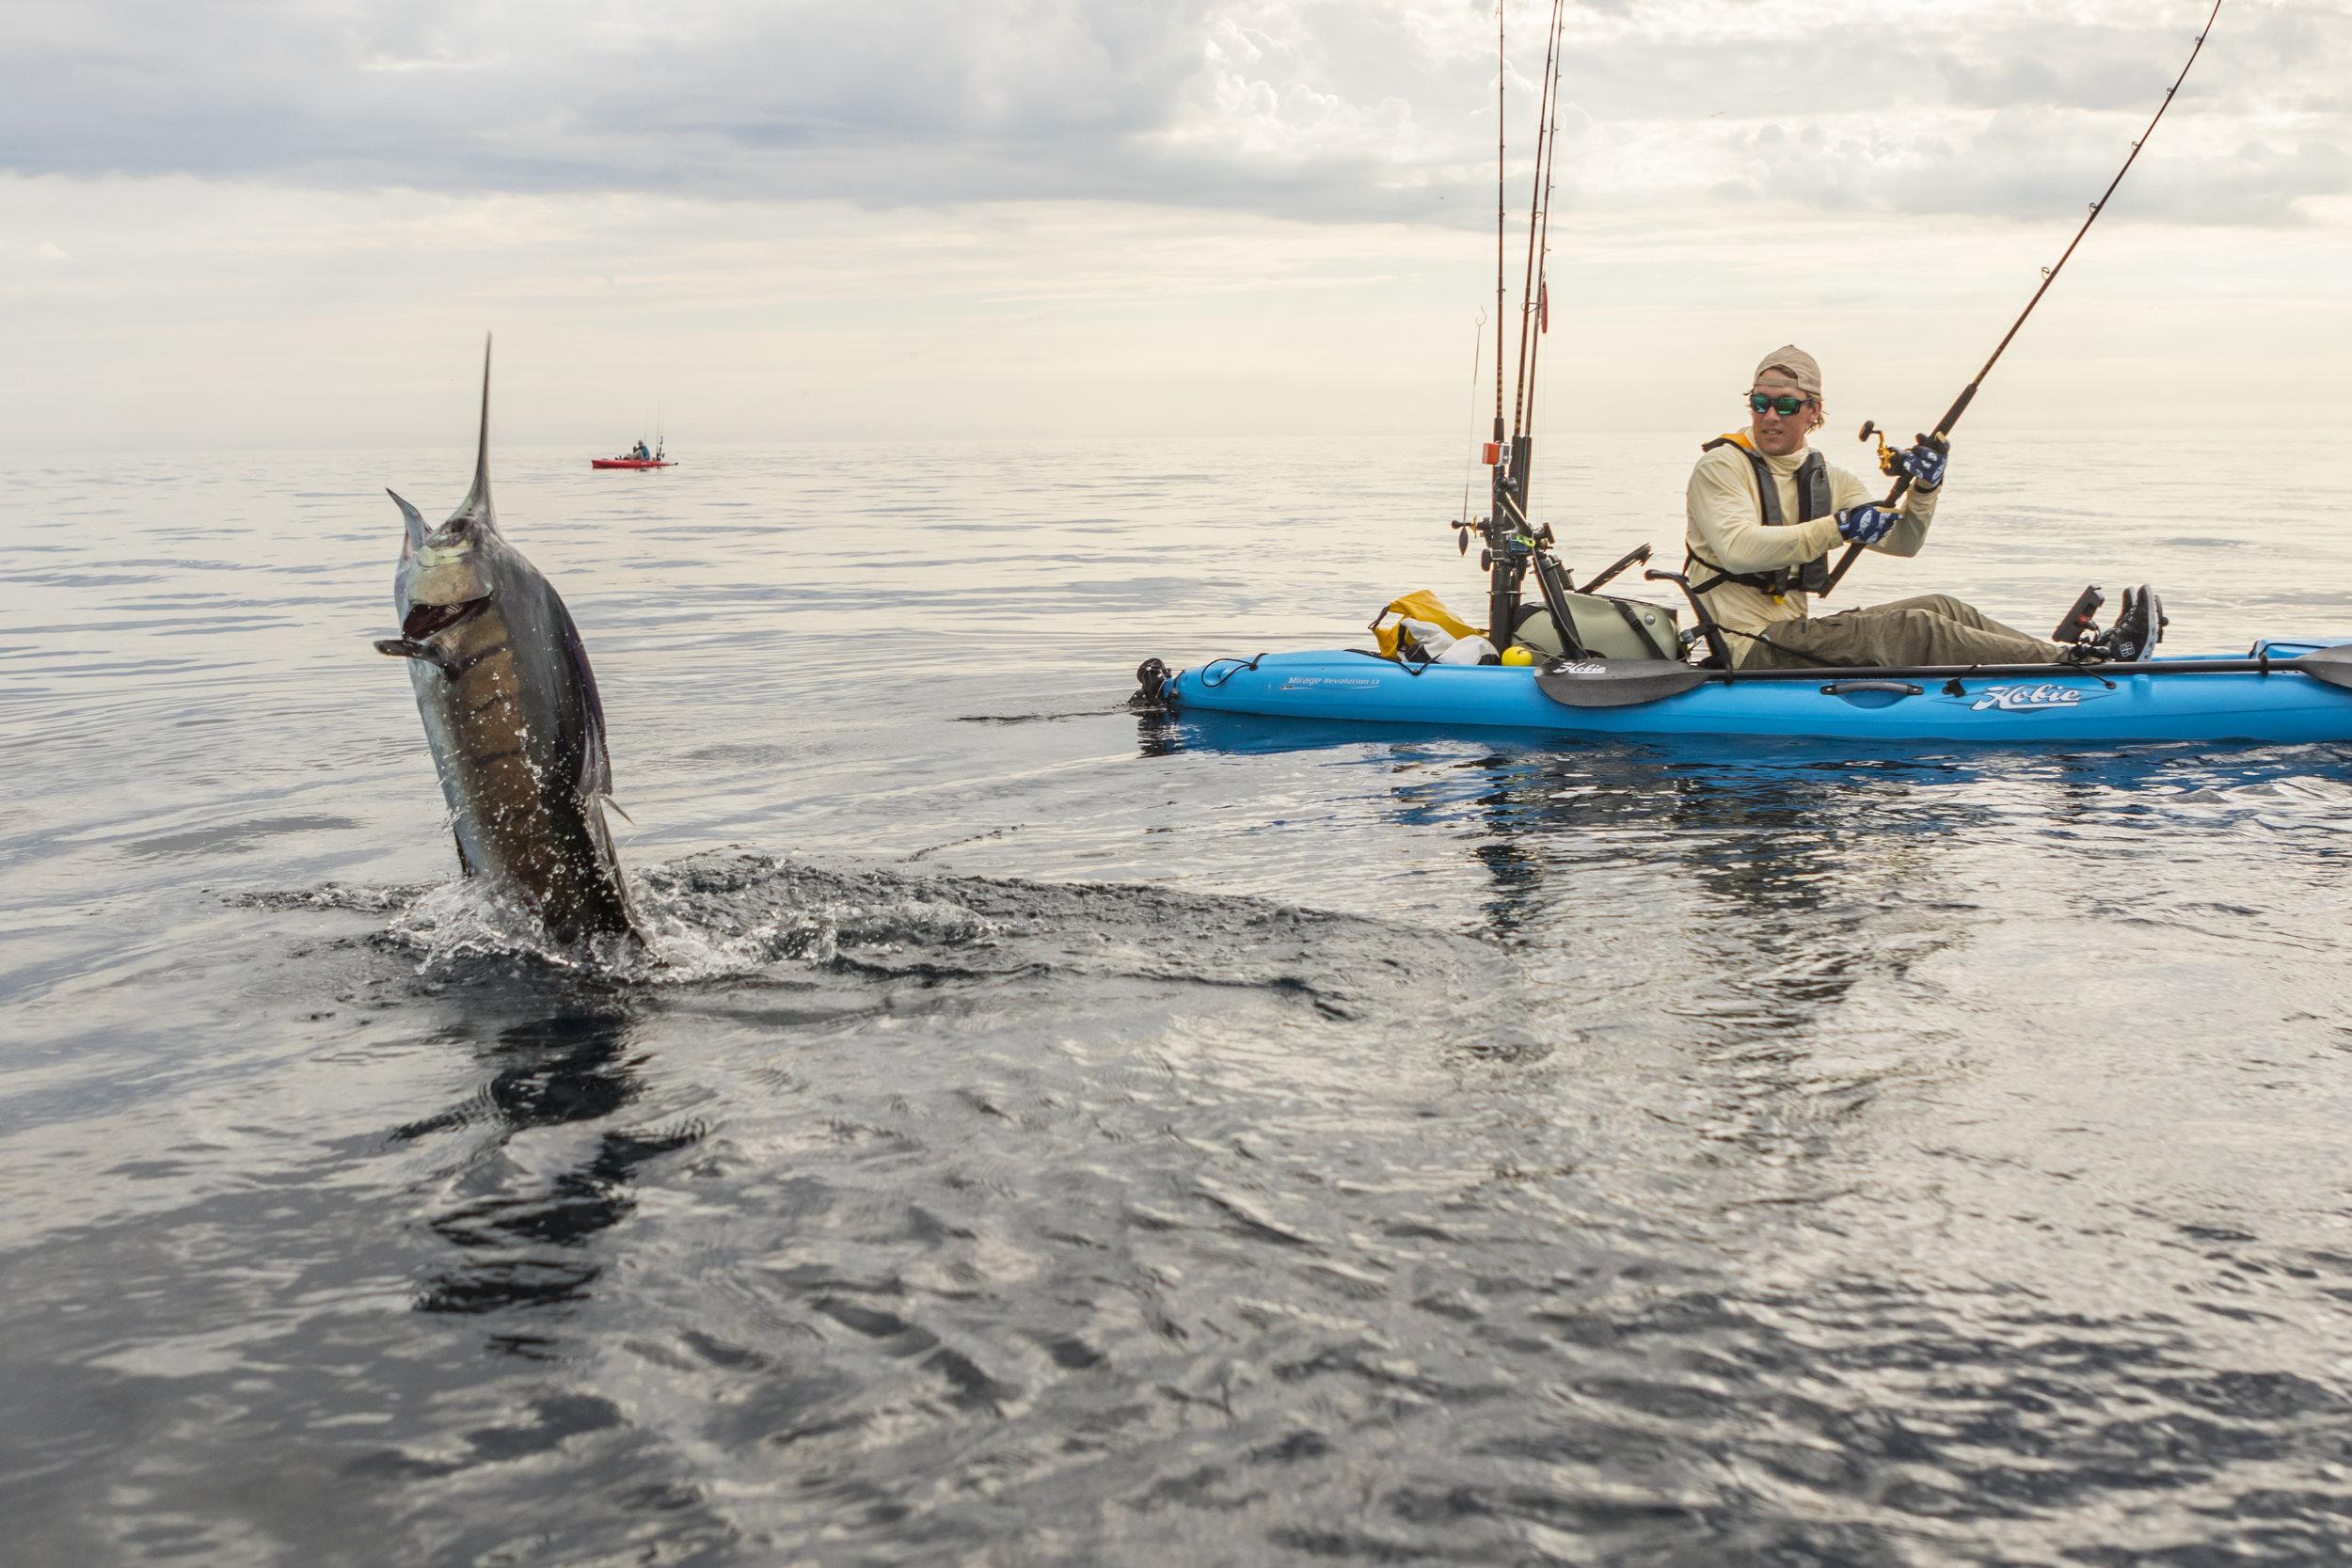 Revolution13_action_fishing_sailfish_ocean_blue_jump_8694_full.jpg